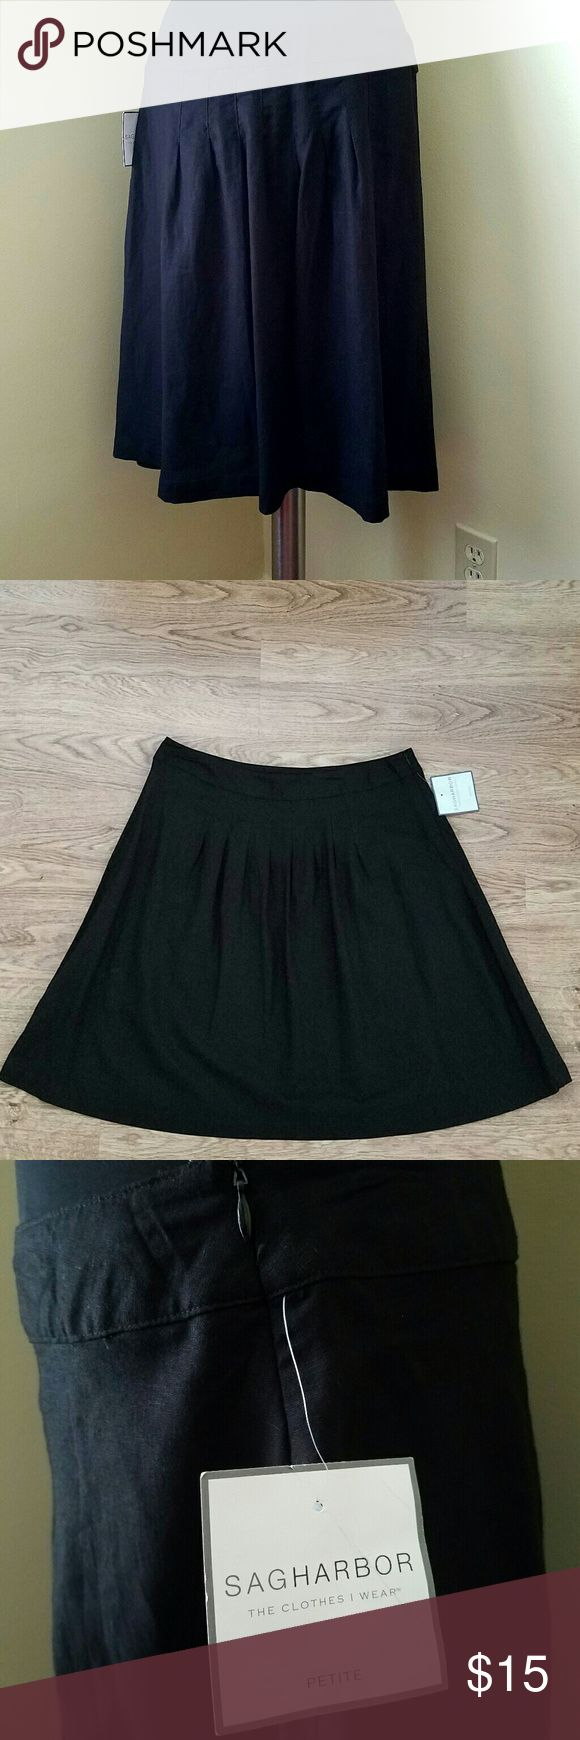 """NWT Linen & Rayon Pleated Skirt,16P NWT Sag Harbor black pleated midi skirt, 52% linen, 48% rayon. 35"""" waist, 23"""" length, size 16 Petite by Sag Harbor Sag Harbor Skirts Mini"""